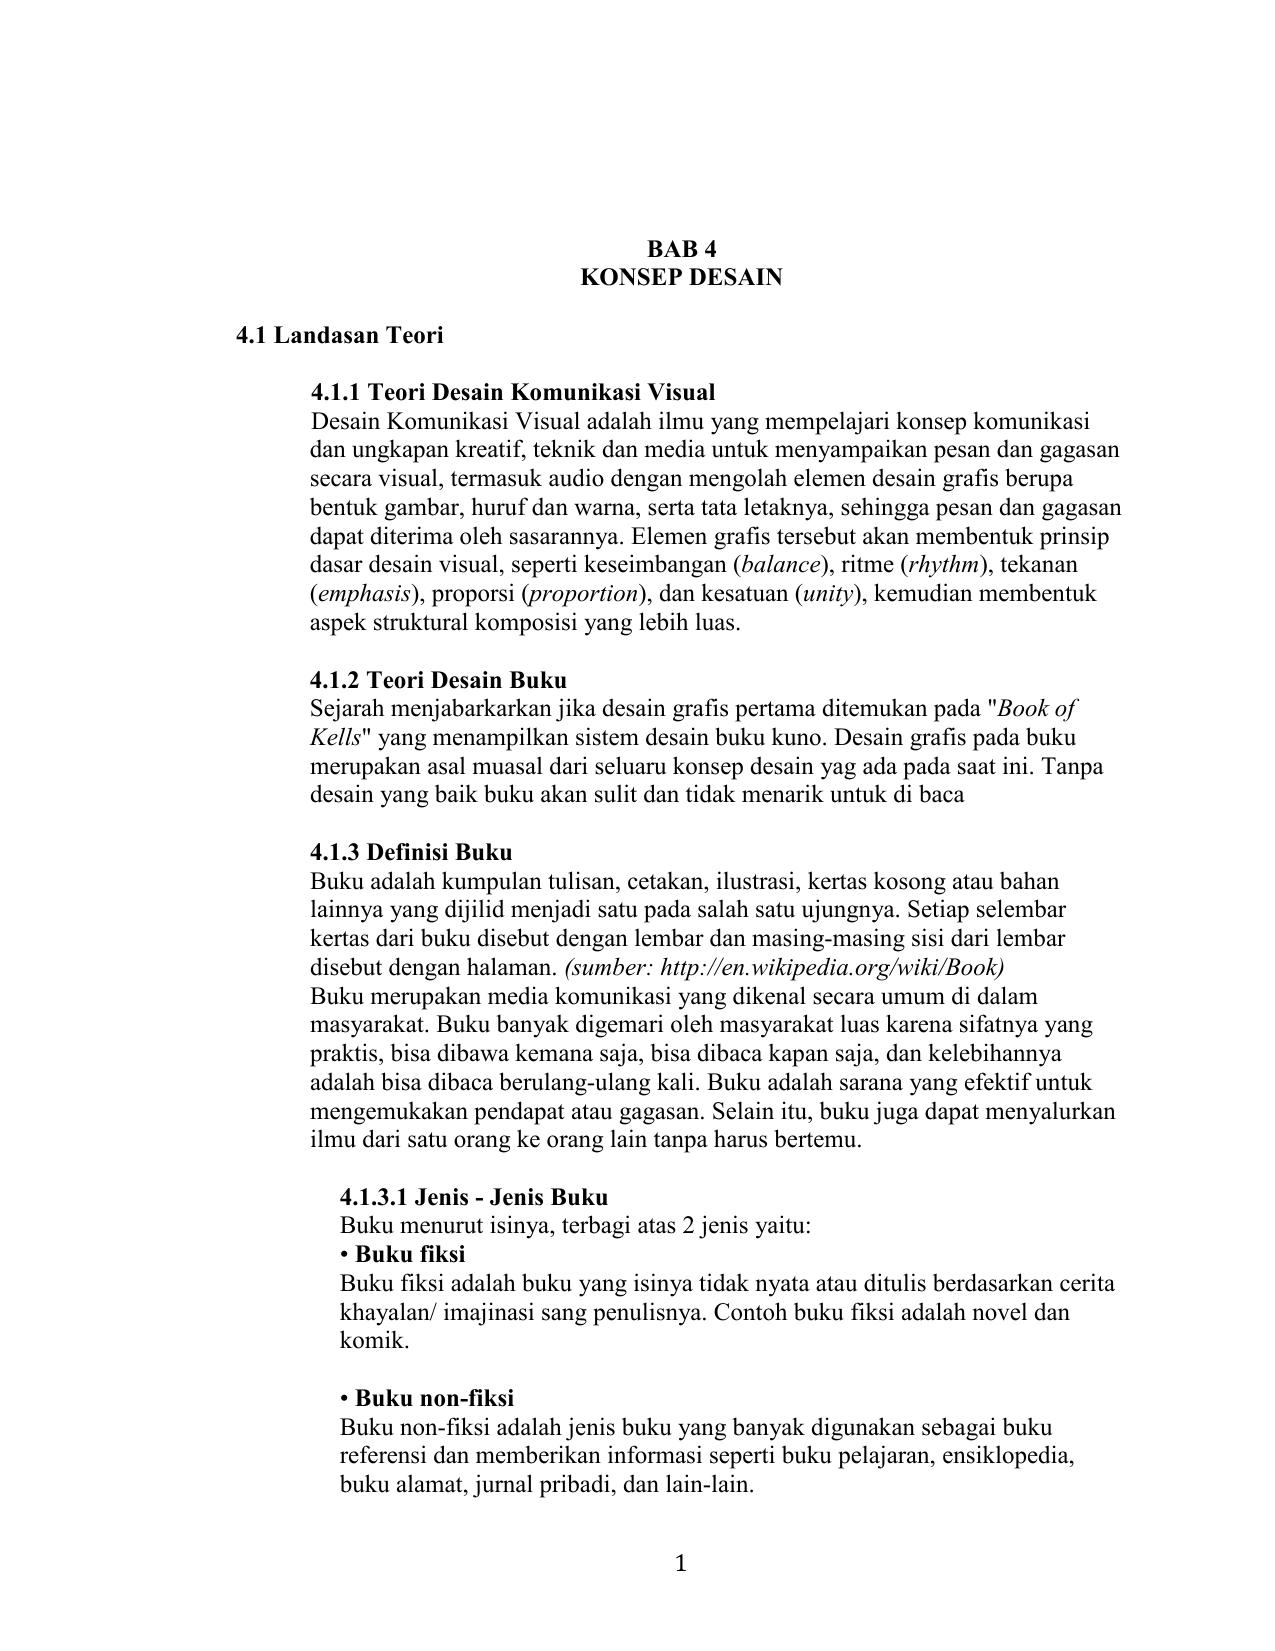 1 Bab 4 Konsep Desain 4 1 Landasan Teori 4 1 1 Teori Desain